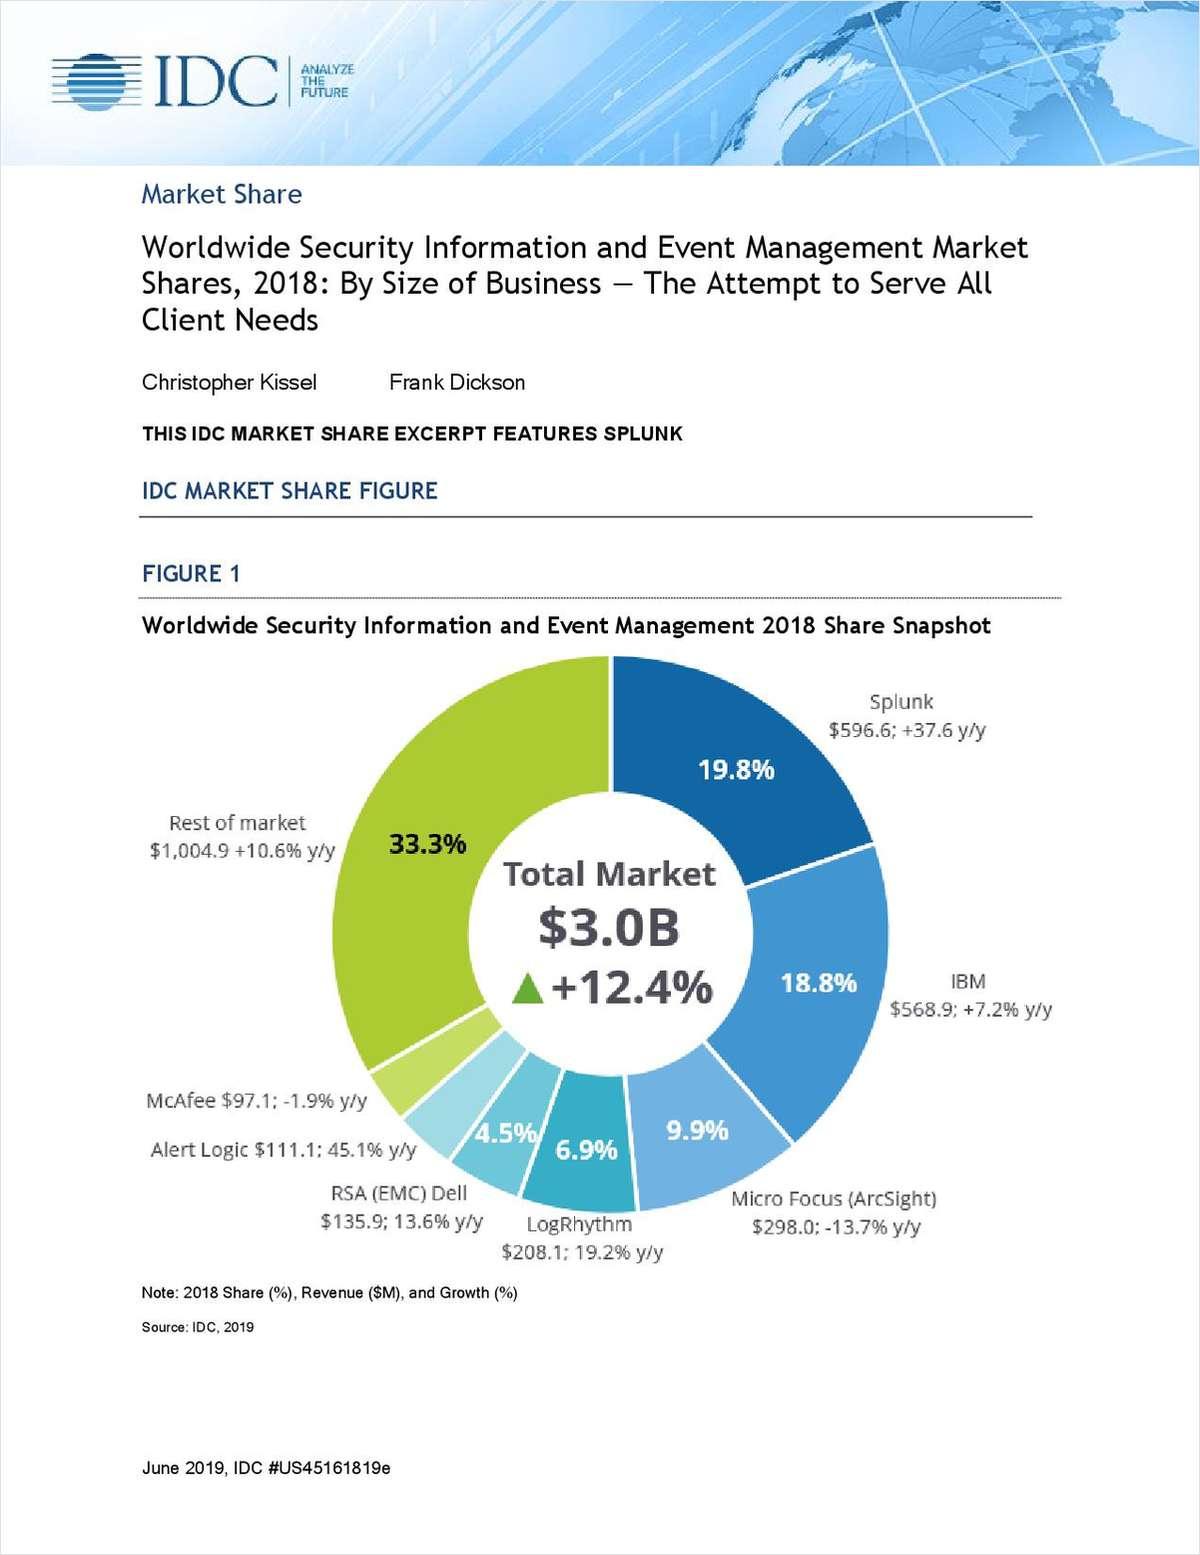 Splunk Ranked No. 1 in IDC Worldwide SIEM Market Share 2018